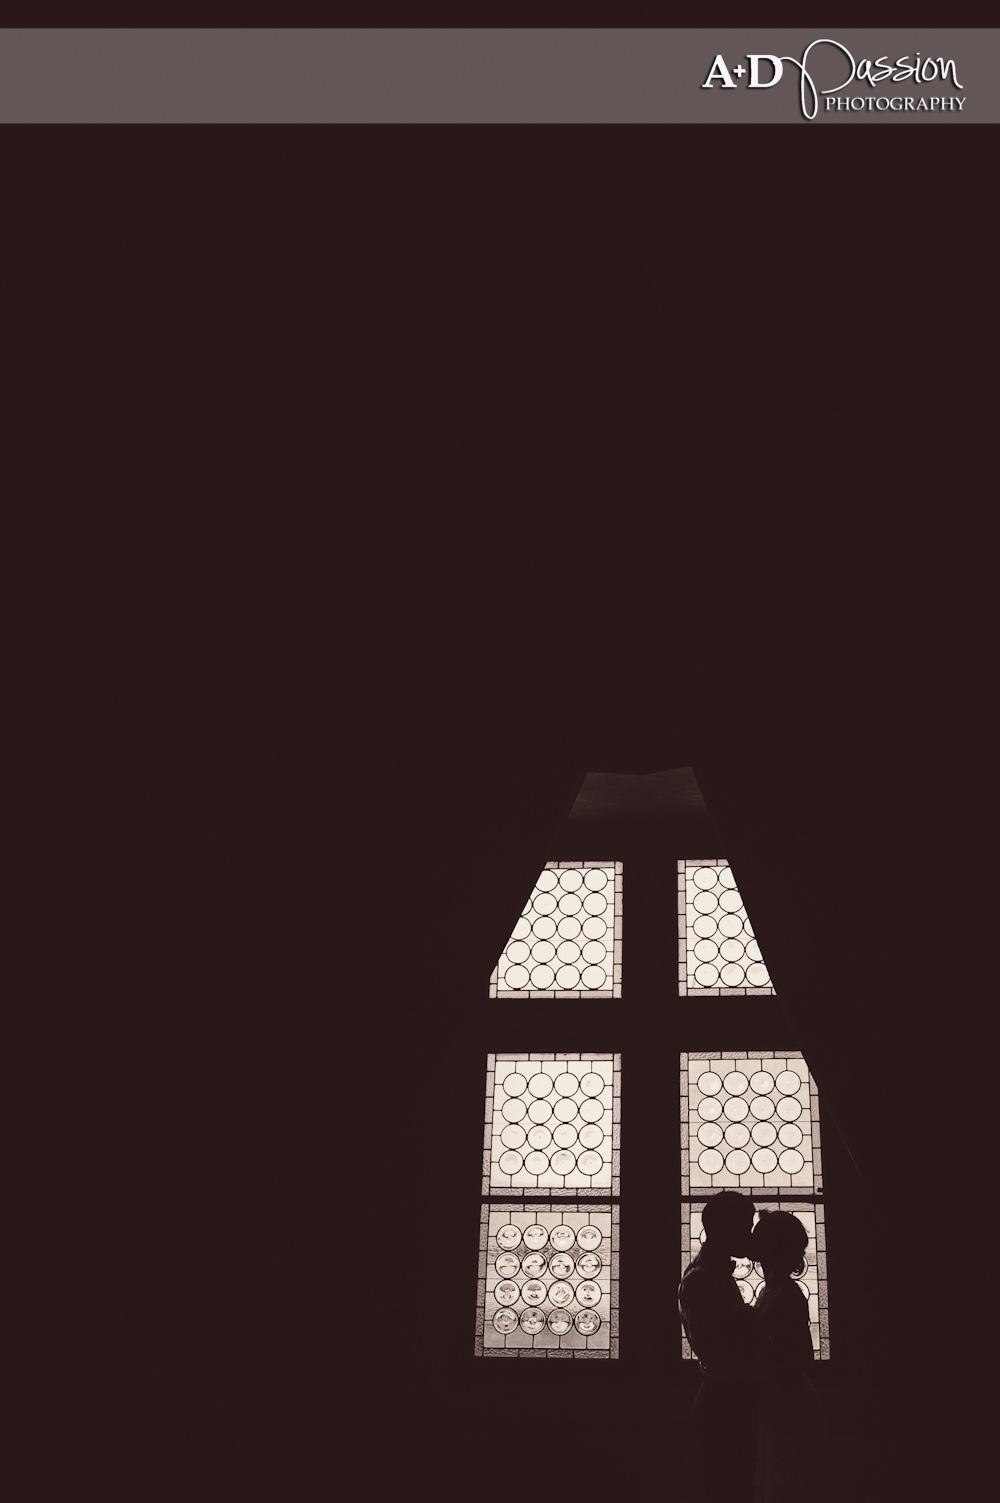 AD Passion Photography | 20120517_fotograf_profesionist_nunta_ttd_gabriela_si_lari_0018 | Adelin, Dida, fotograf profesionist, fotograf de nunta, fotografie de nunta, fotograf Timisoara, fotograf Craiova, fotograf Bucuresti, fotograf Arad, nunta Timisoara, nunta Arad, nunta Bucuresti, nunta Craiova